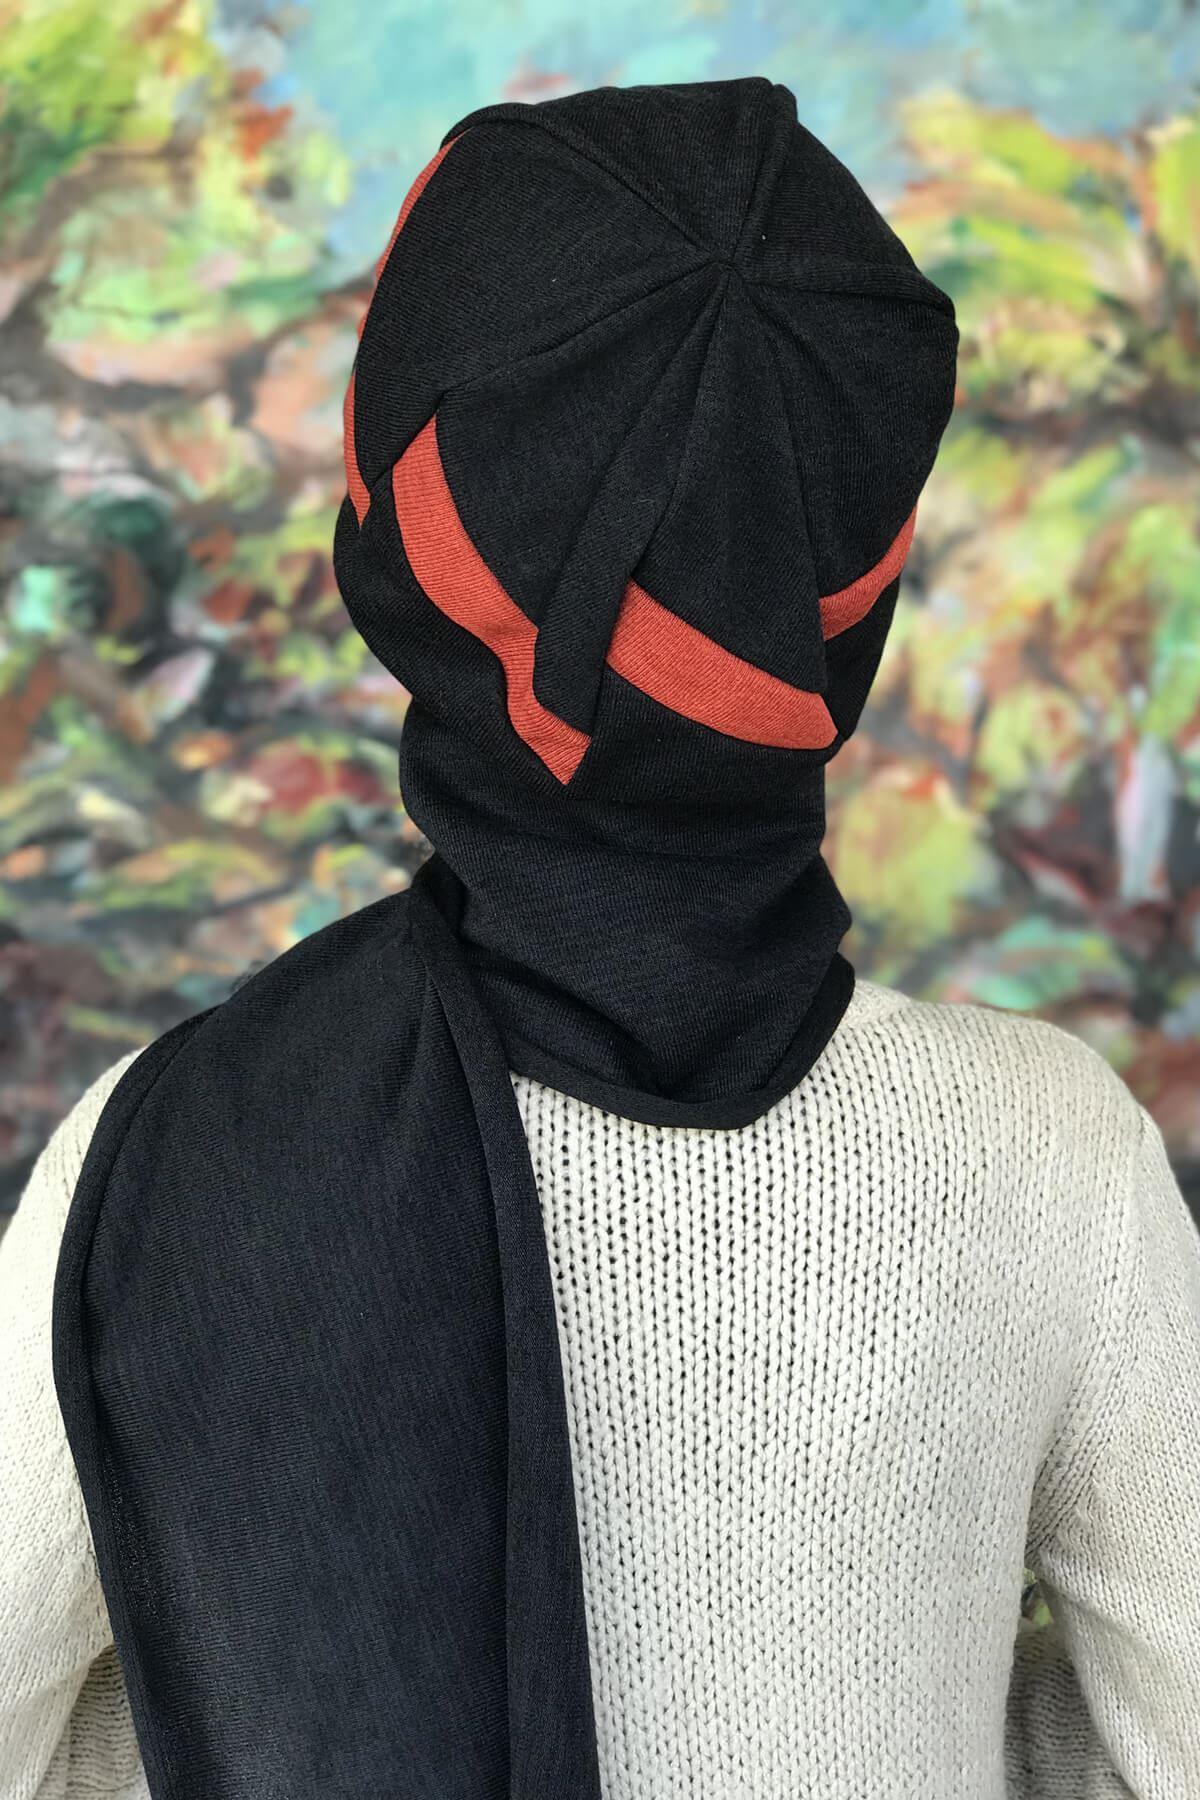 Bakır Tarçın Rengi Şeritli Siyah Tokalı Atkılı Bere